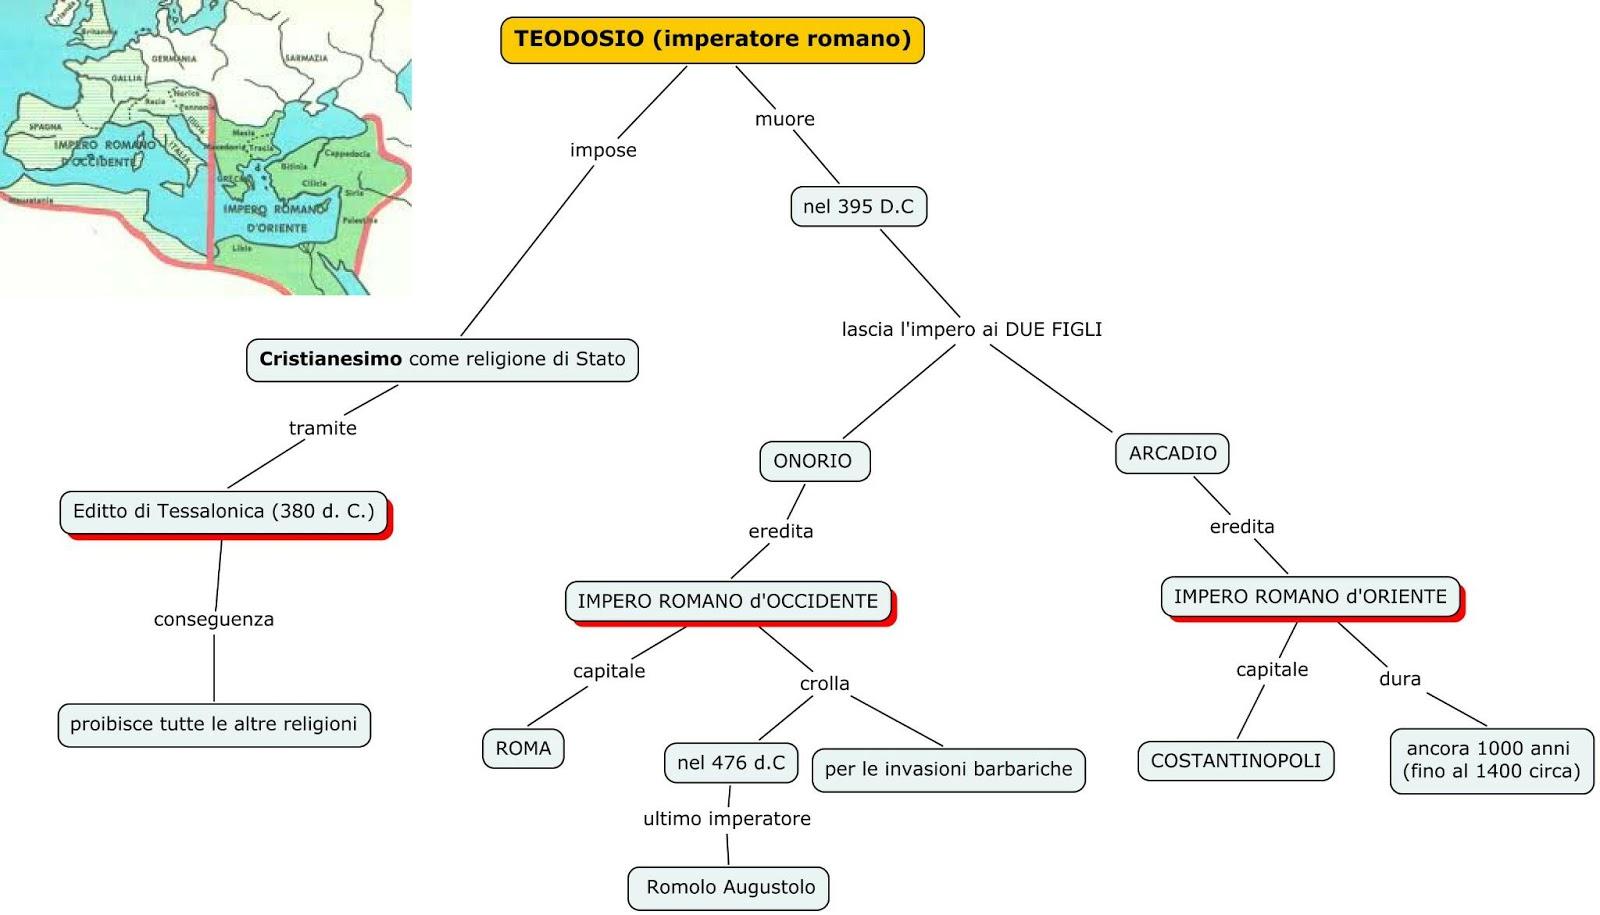 Teodosio e la caduta dell'impero romano